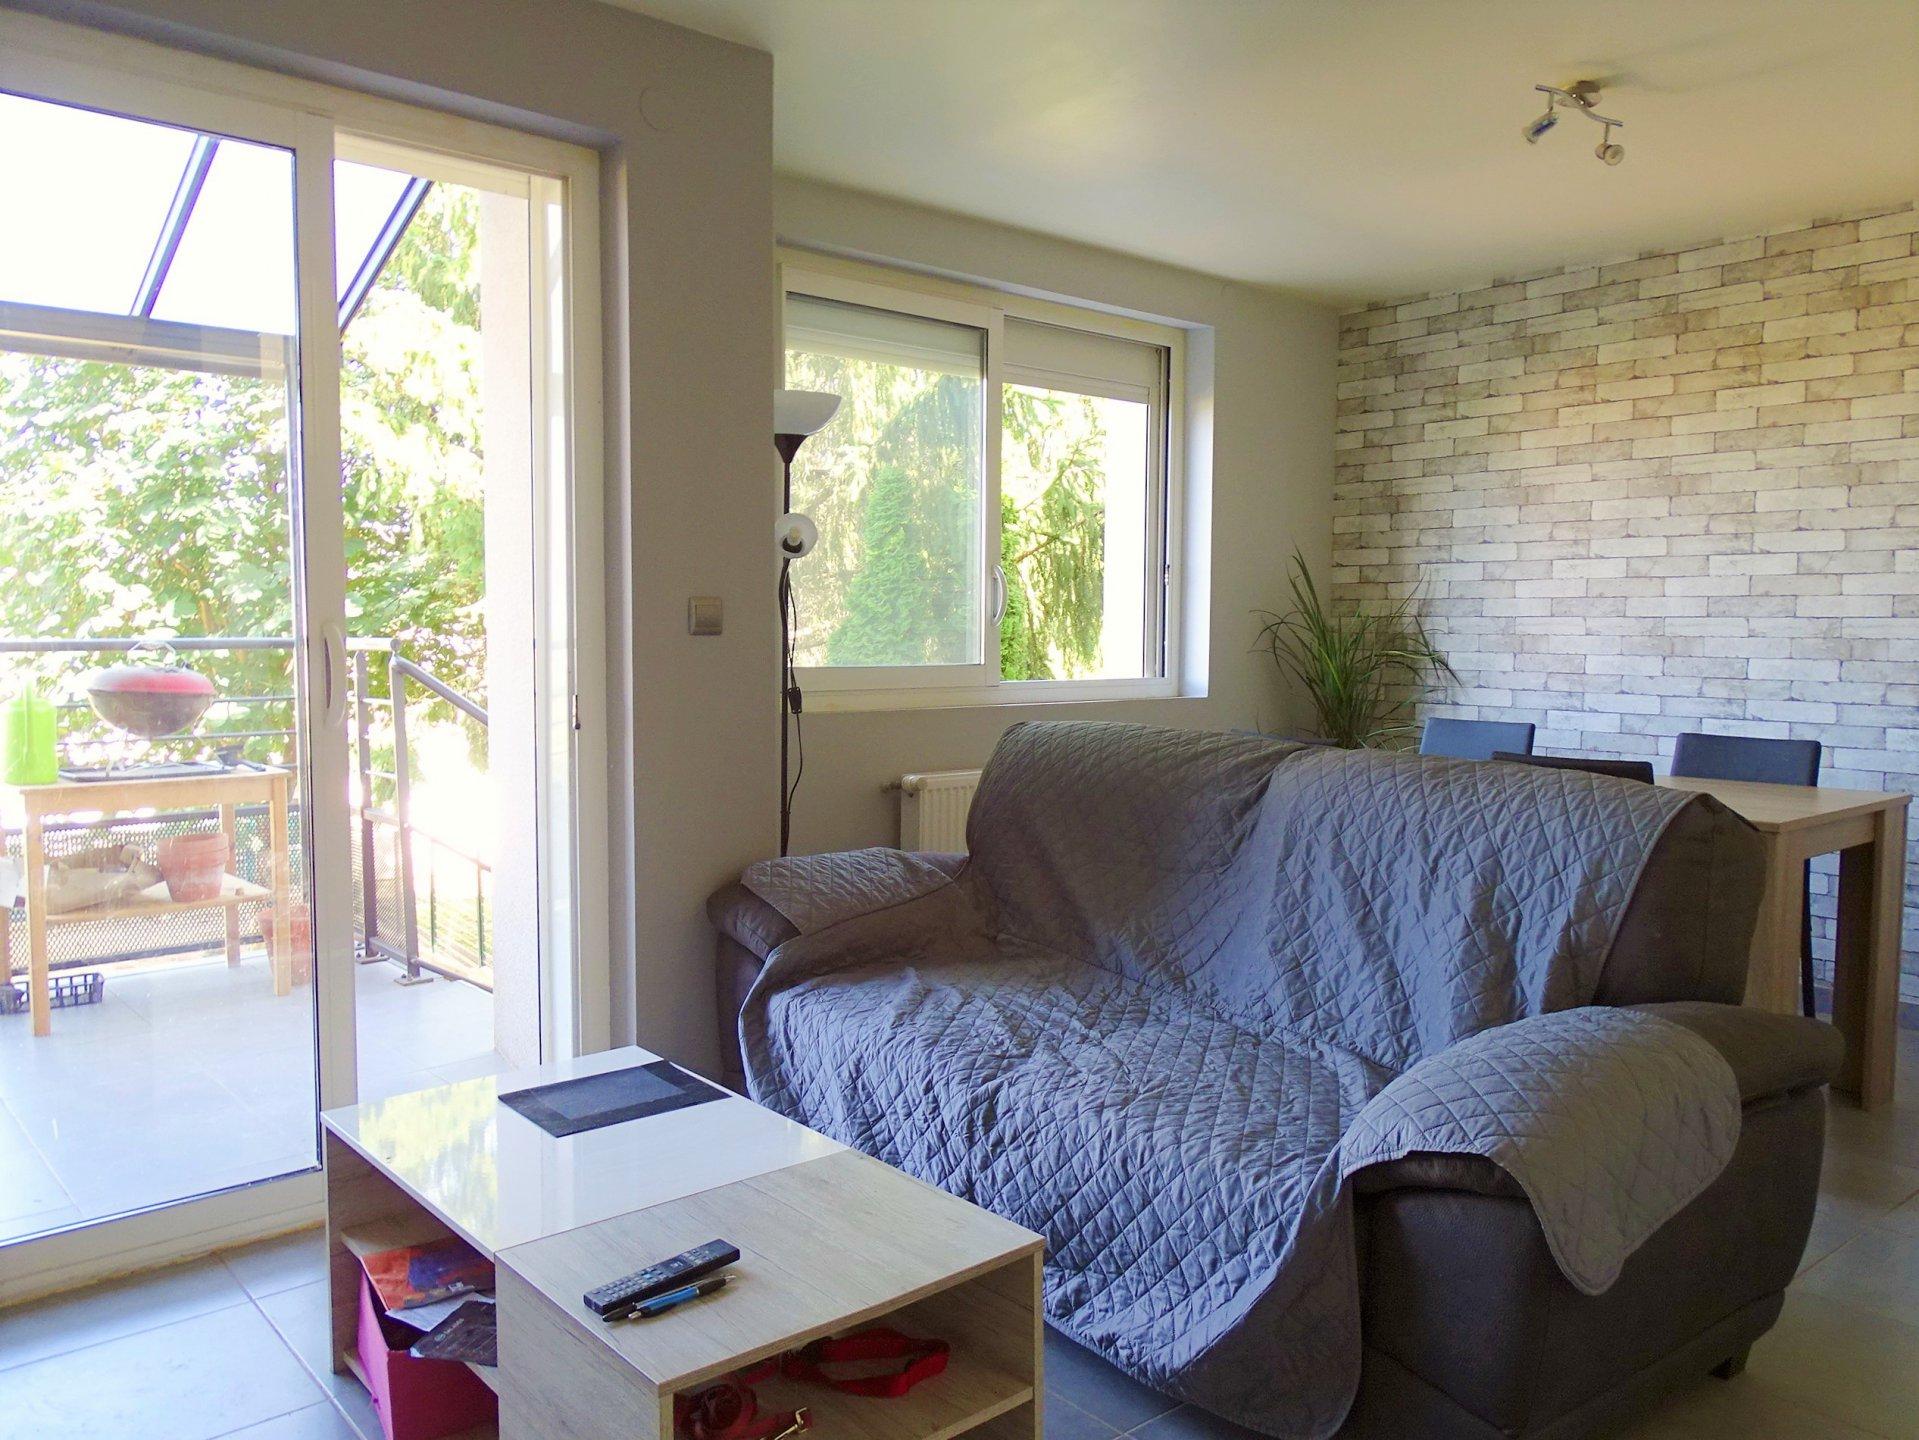 A pied du centre de Charnay, maison totalement rénovée en 2016, avec jardin.  Elle se compose d'une entrée desservant une cuisine totalement équipée, d'une grande buanderie - chaufferie, d'une pièce à vivre donnant sur une jolie terrasse, de deux salles de douche puis de trois chambres.  La maison s'ouvre sur deux jardinets avec terrasses (à l'est et à l'ouest).  La plupart des travaux date de 2016-2017 (façade, huisseries, isolation, aménagement extérieur..), il ne reste plus qu'à poser ses valises ! Honoraires à charge vendeurs